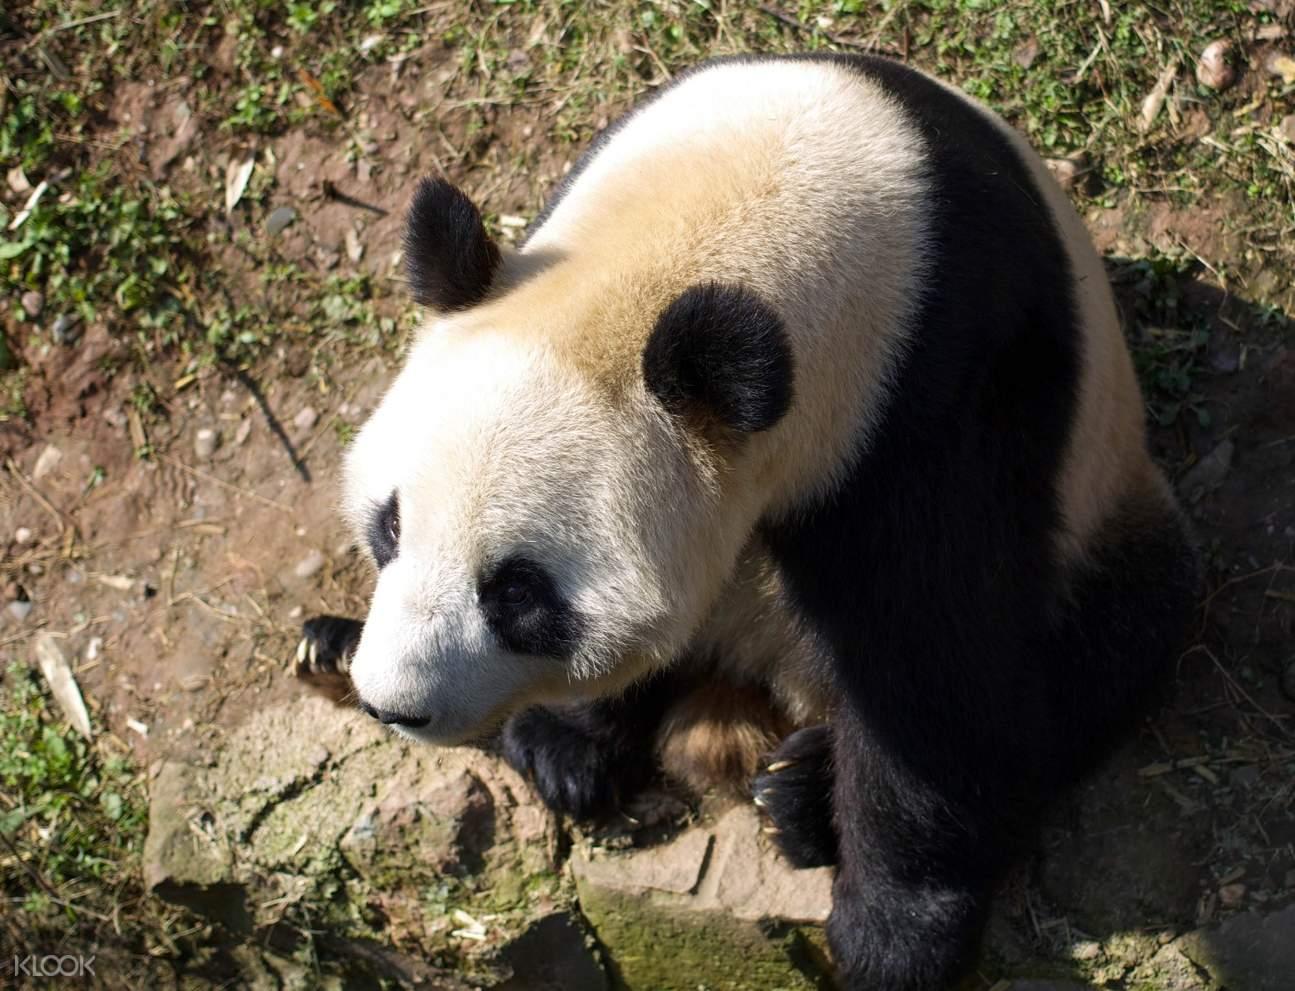 都江堰大熊猫保育基地饲养员,熊猫饲养员体验,熊猫饲养员一日体验